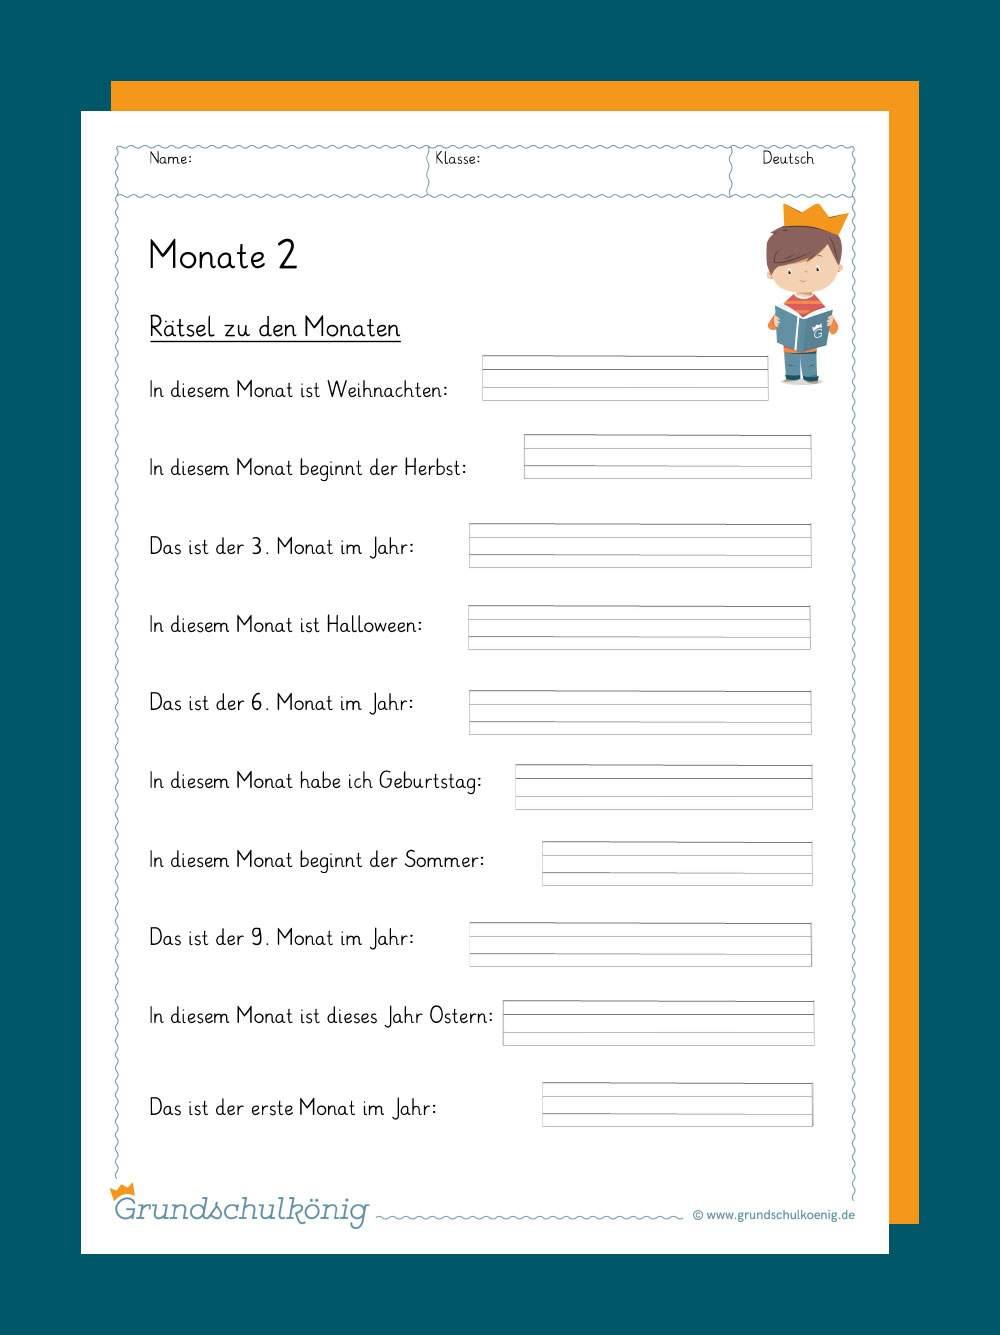 Kalender verwandt mit Arbeitsblätter Grundschule Kostenlos Zum Ausdrucken